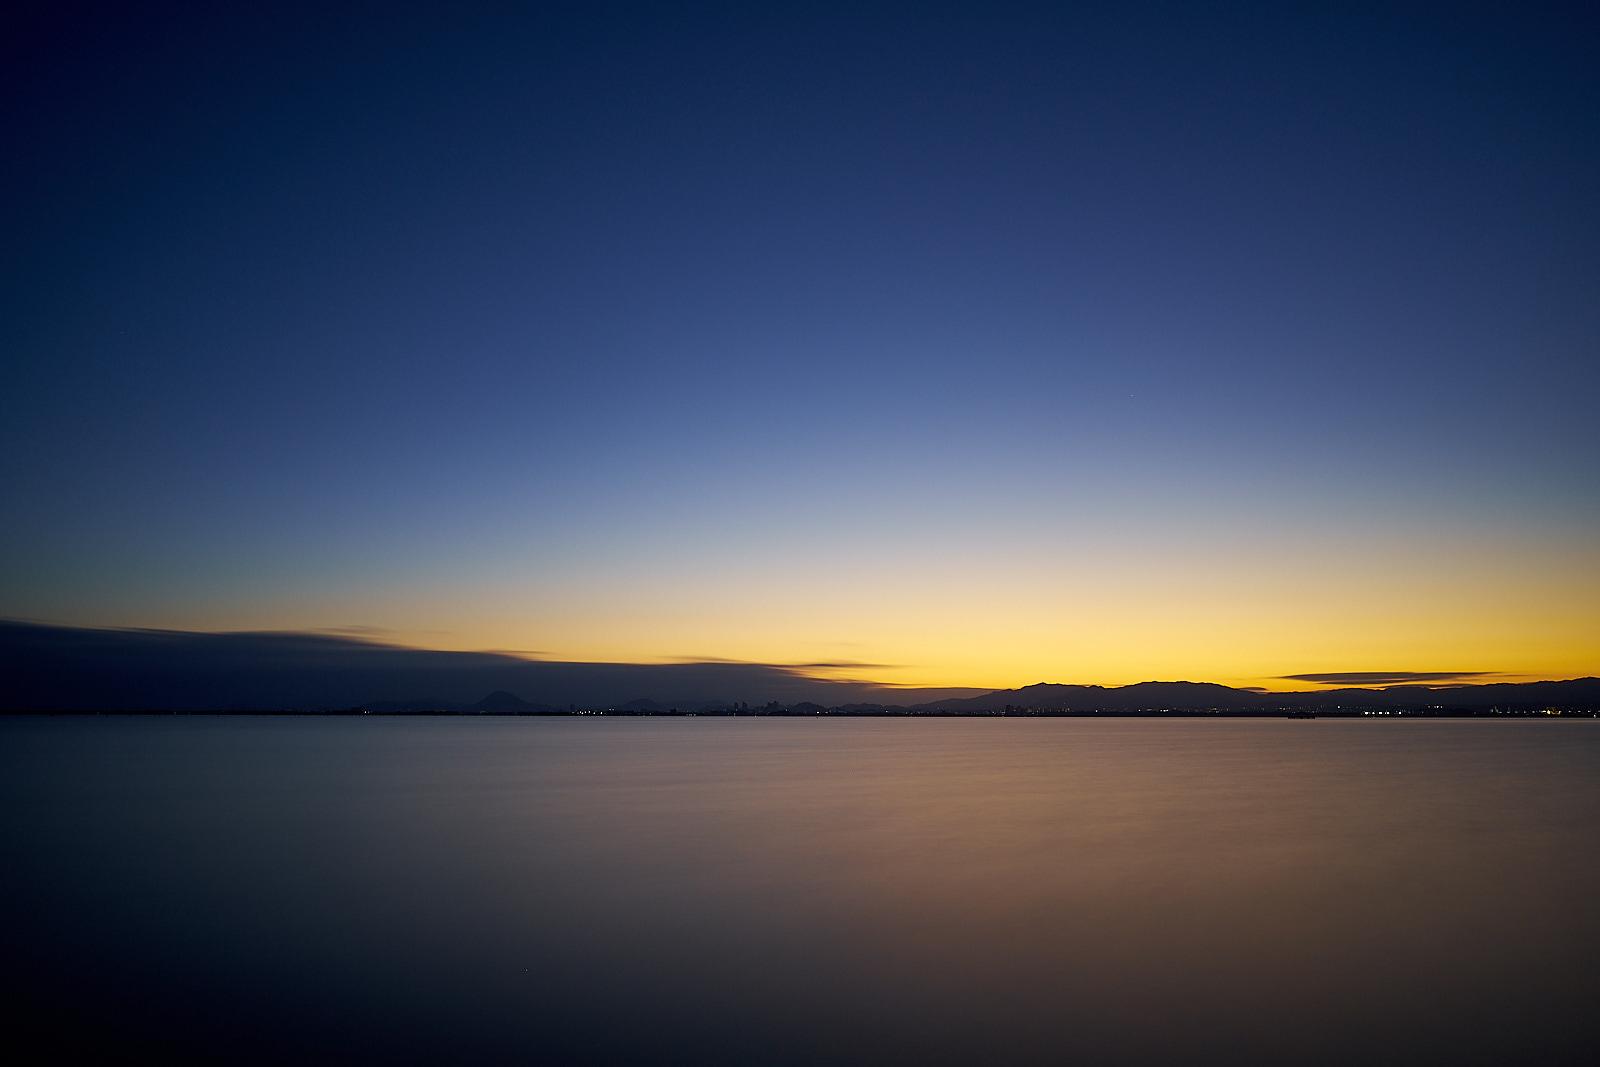 琵琶湖 #133